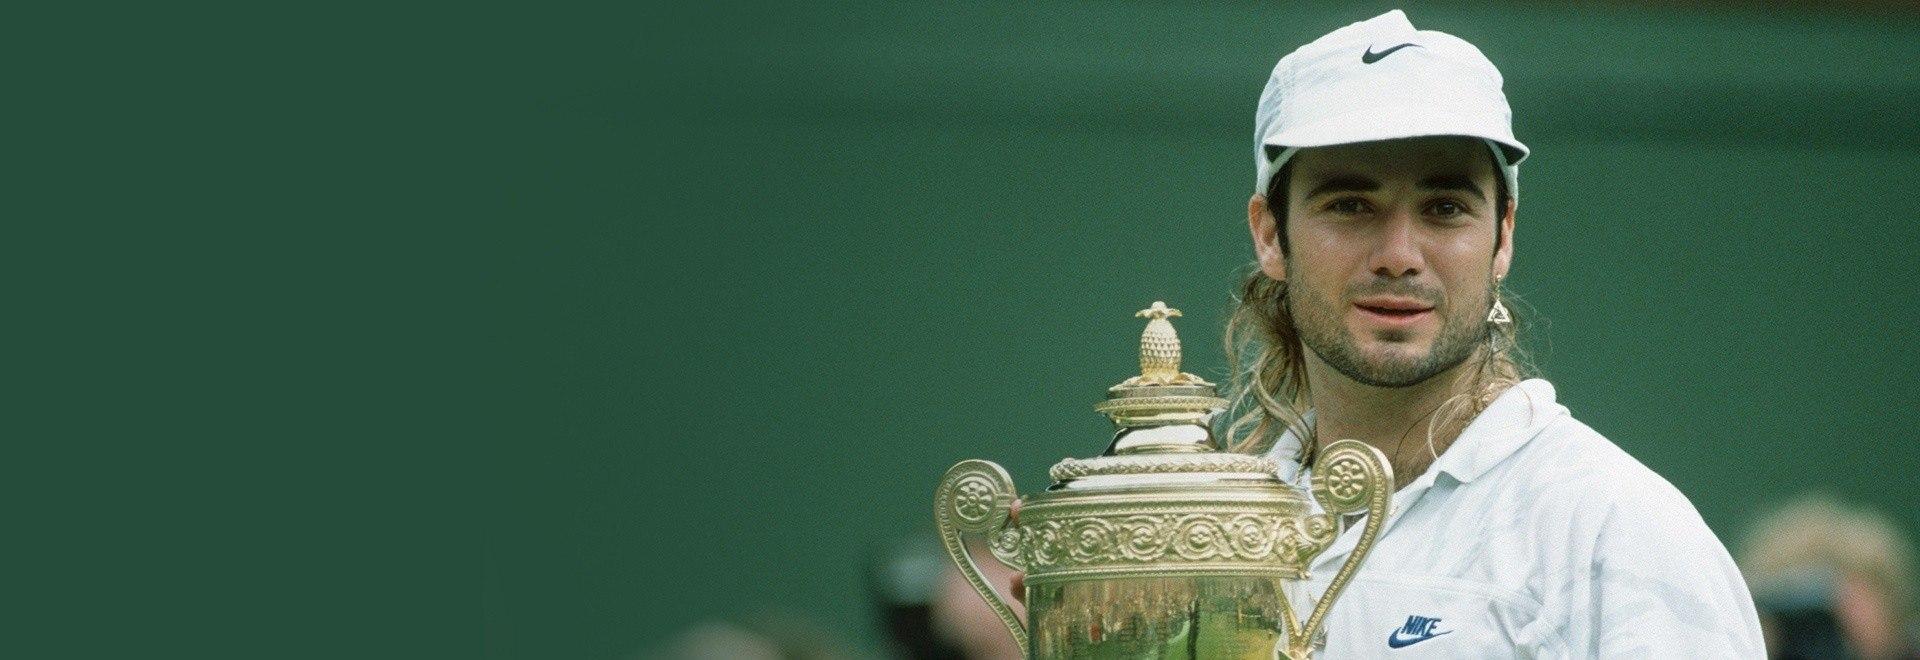 Buffa intervista Agassi - I Signori del tennis